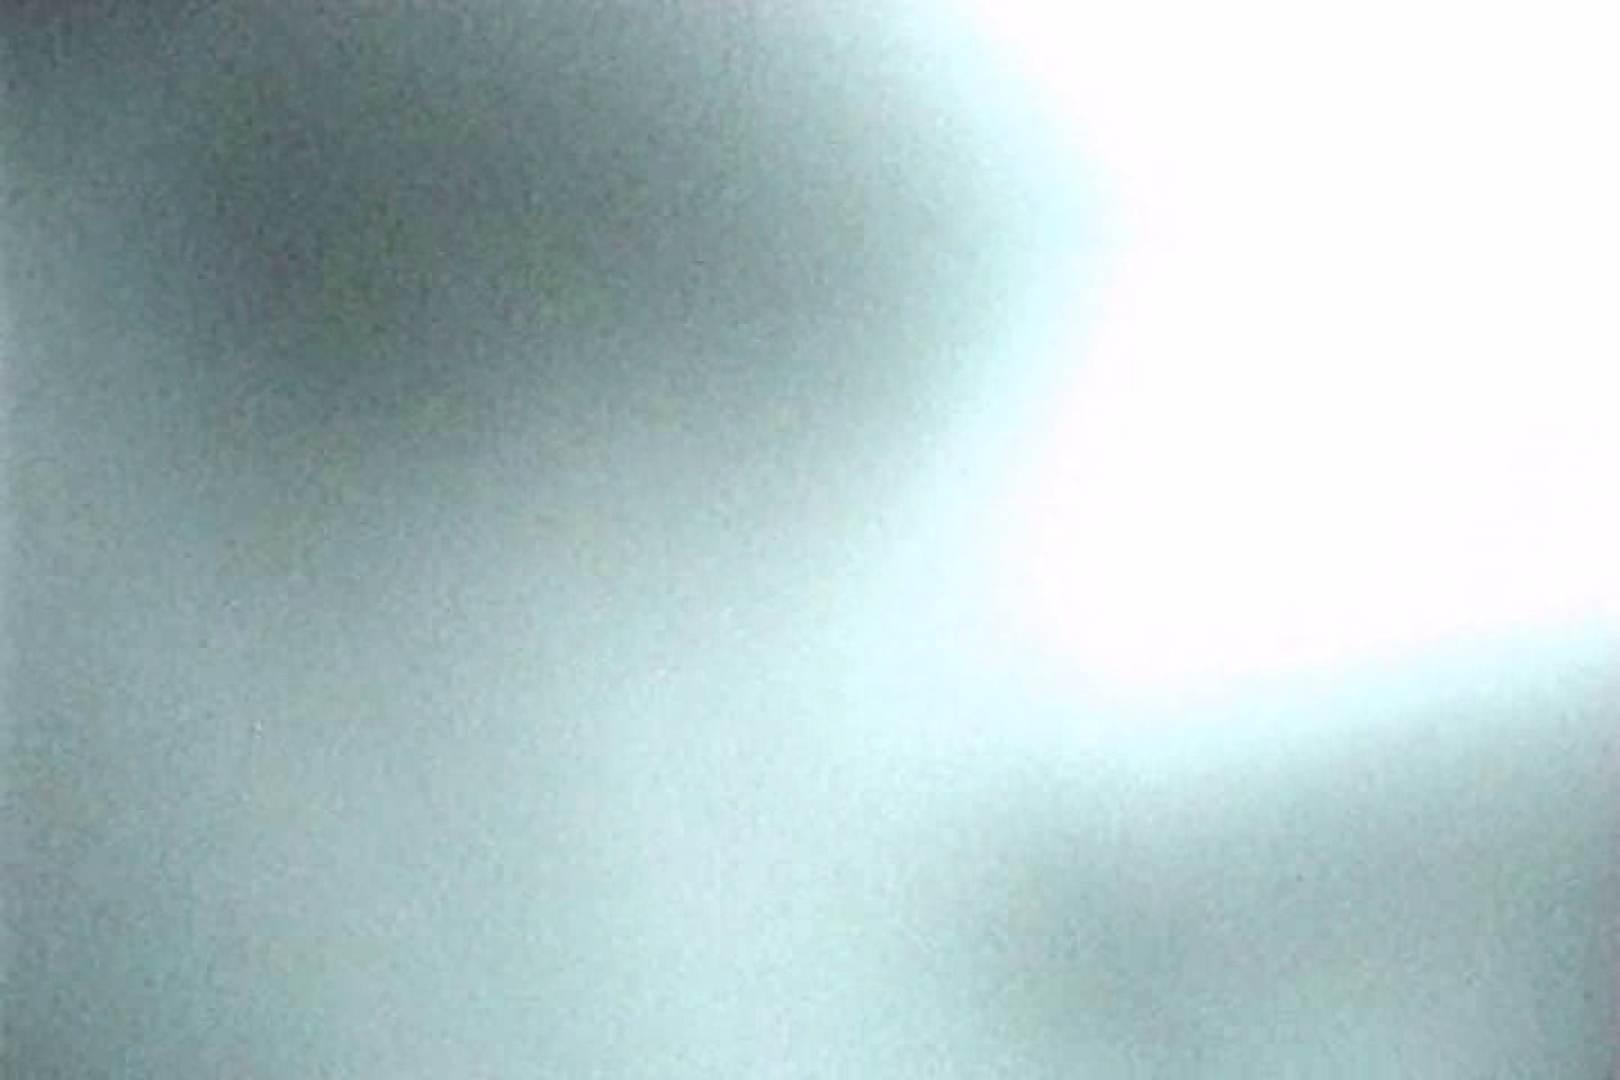 「充血監督」さんの深夜の運動会!! vol.132 ギャルの実態 盗み撮りAV無料動画キャプチャ 66pic 7